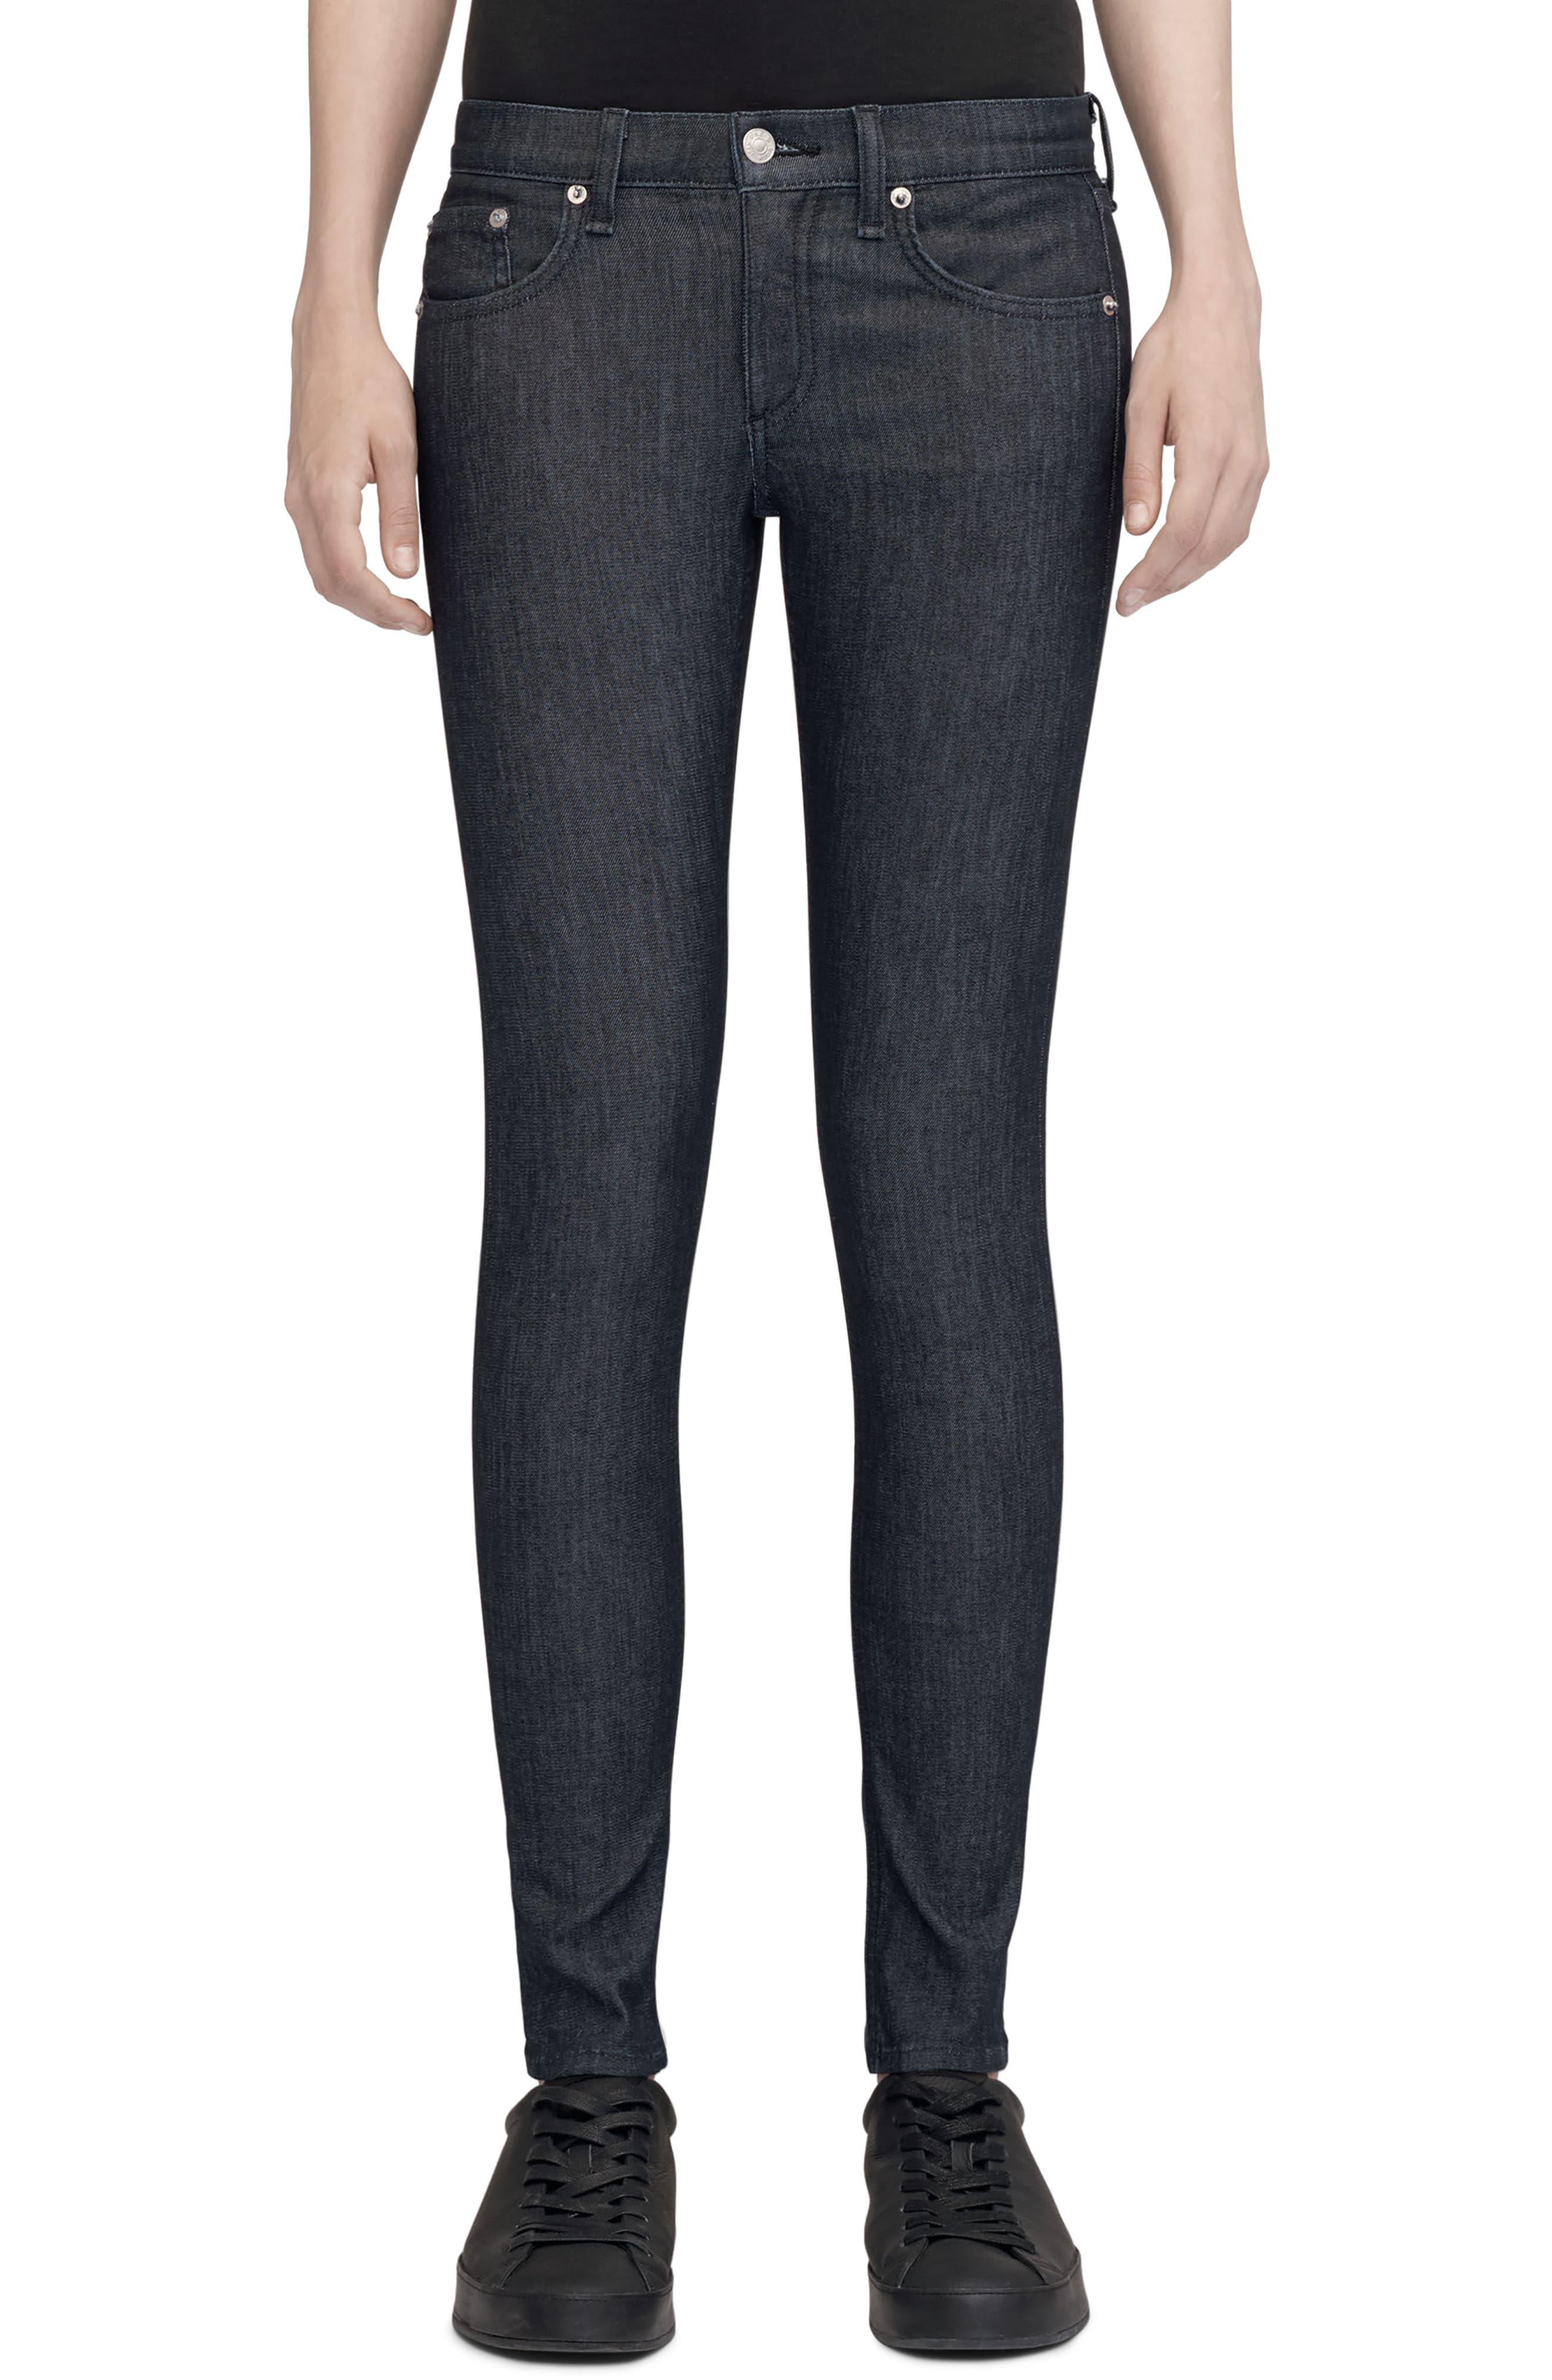 Alternate Image 1 Selected - rag & bone/JEAN Skinny Jeans (Indigo)